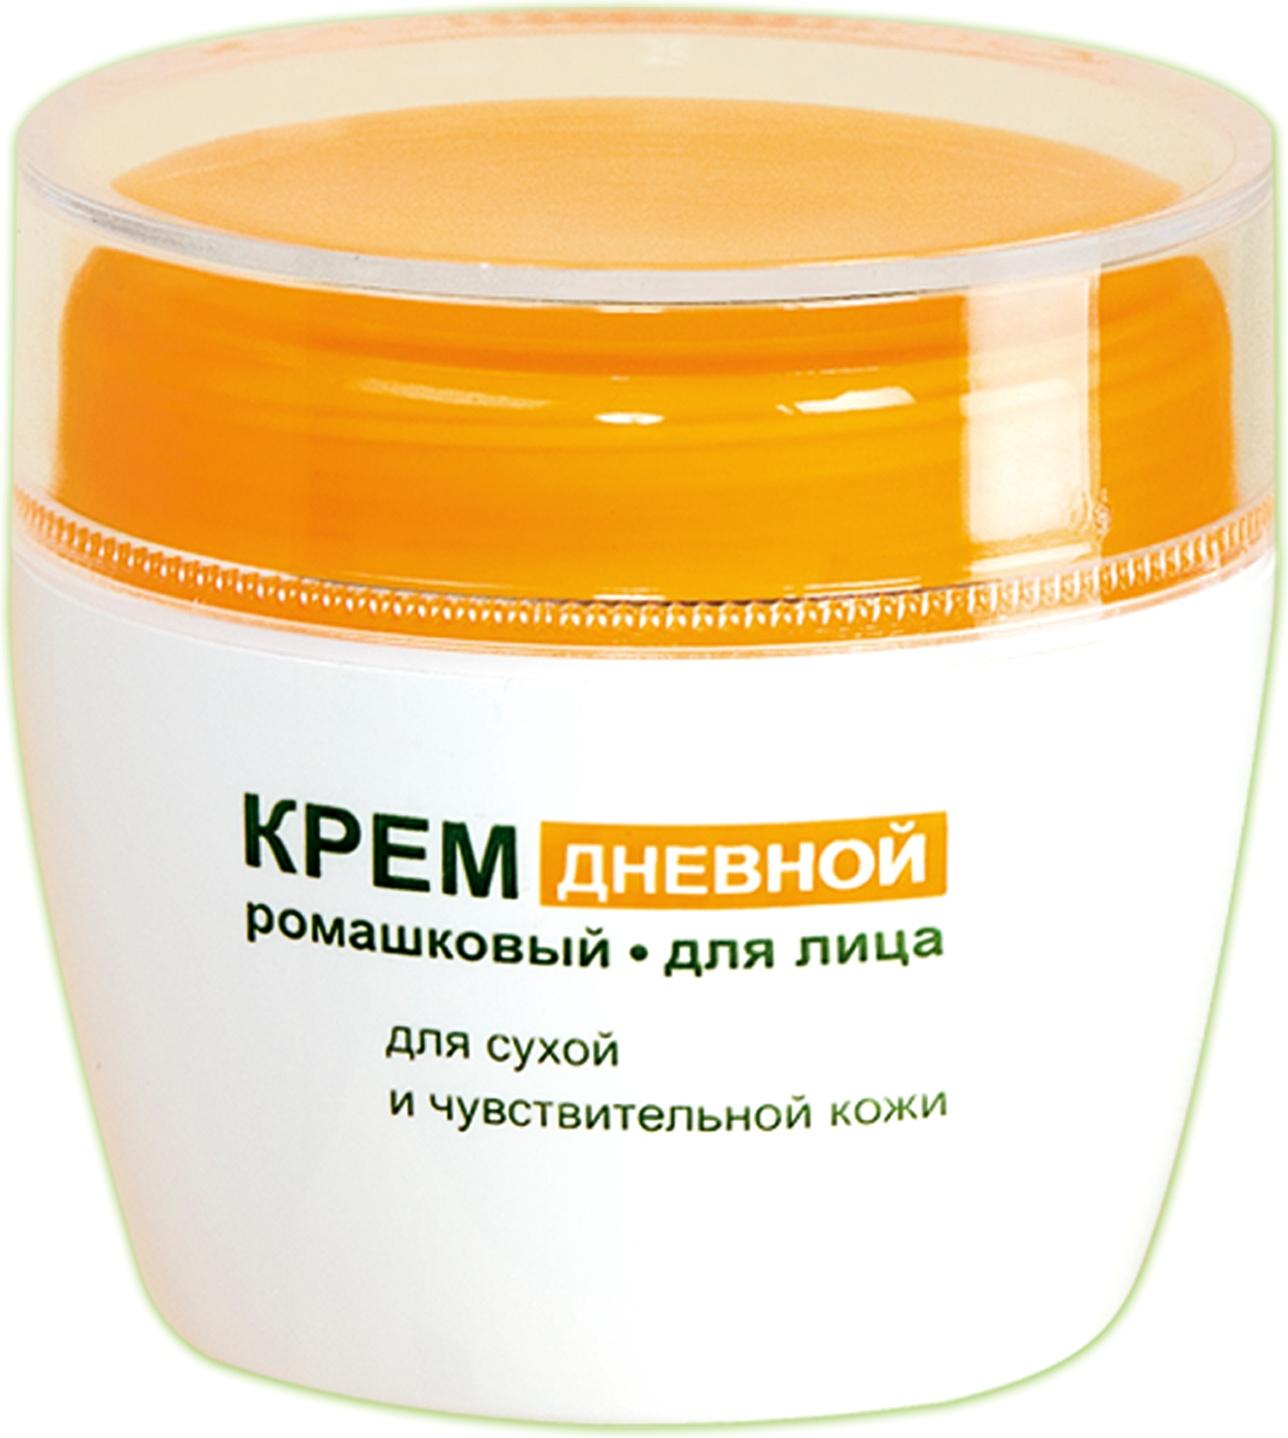 Крем для лица Белита Ромашковая дневной для сухой и чувствительной кожи 50 мл фото